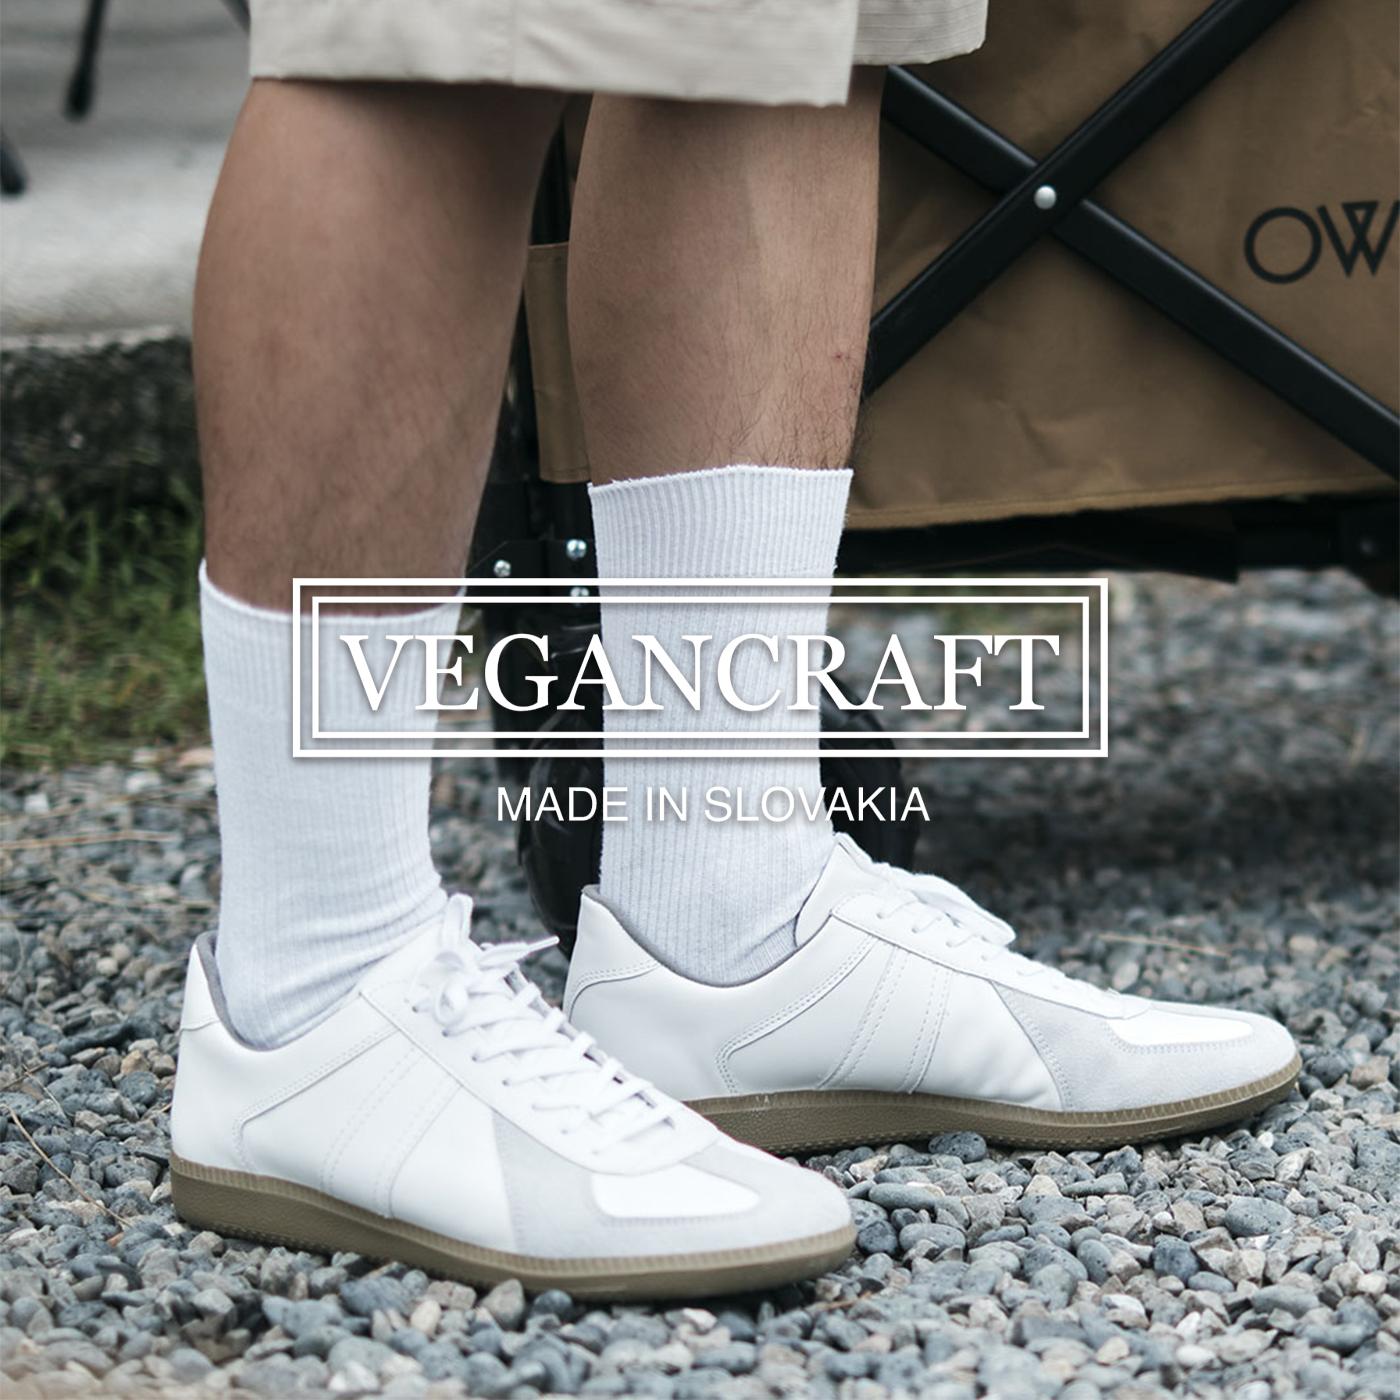 德軍訓練鞋,德訓鞋,德訓鞋 品牌,德訓鞋 穿搭,vegancraft,vegancraft german trainer,vegancraft shoes